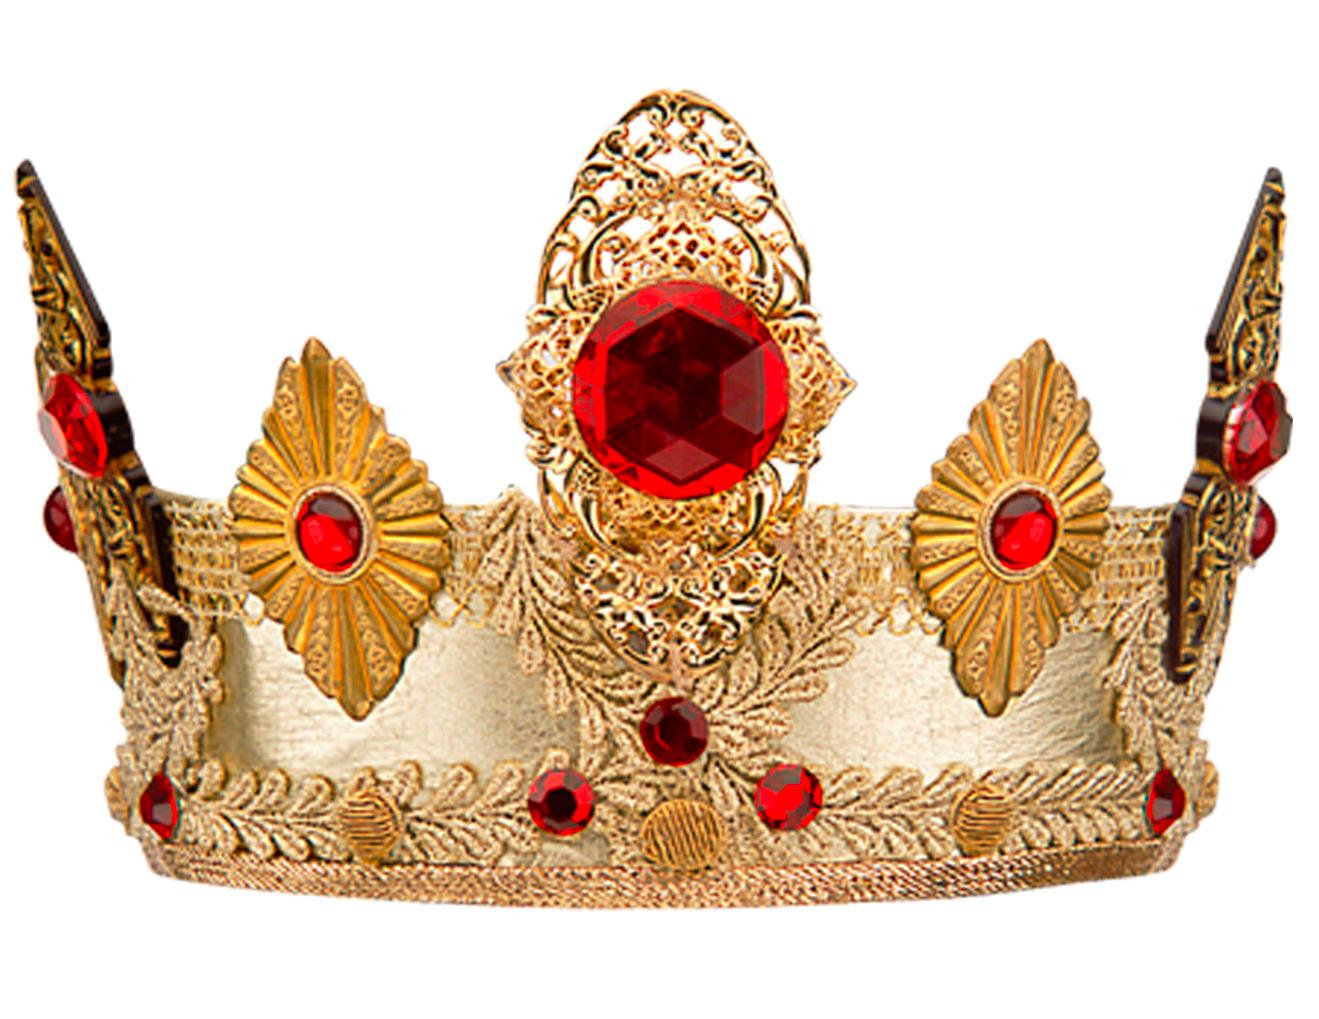 تيجان ملكية  امبراطورية فاخرة Crown-png-29